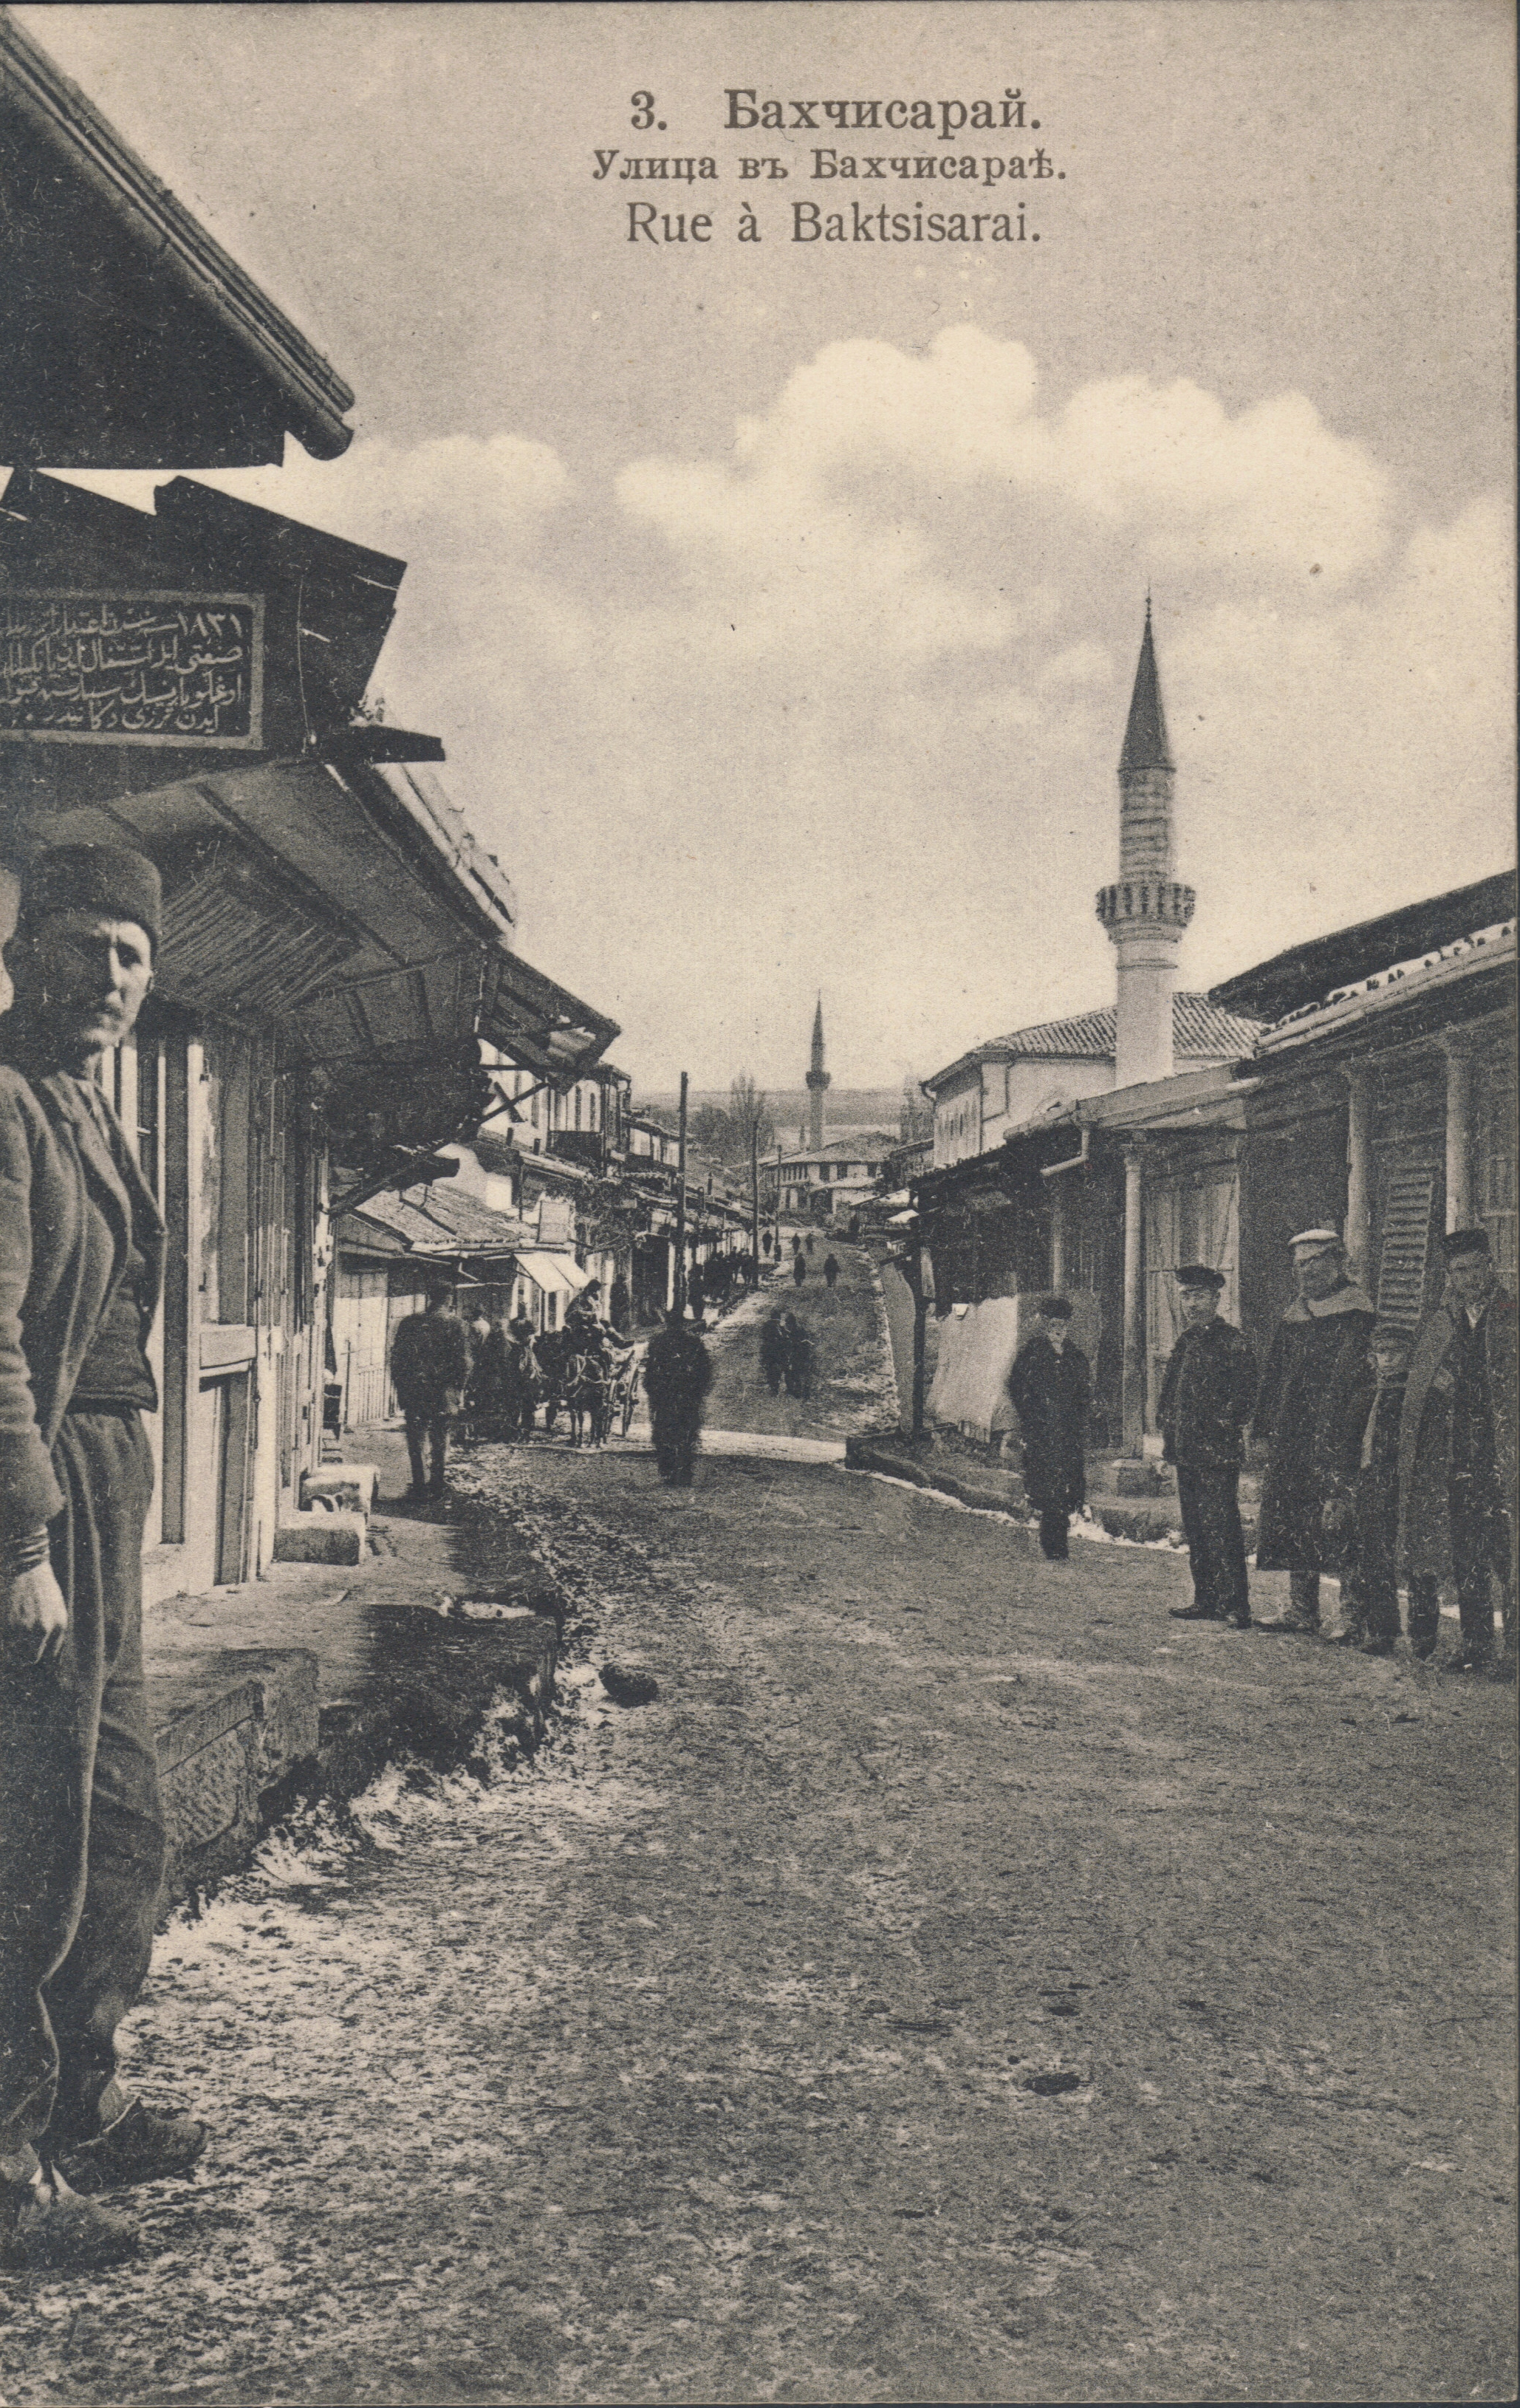 Улица в Бахчисарае